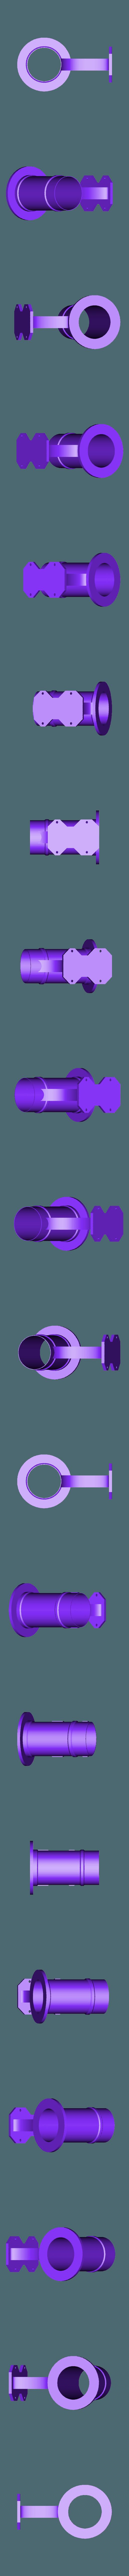 TikiTorchBracketWorkInProgressRevB.stl Télécharger fichier STL gratuit Mont de clôture de la torche Tiki • Plan pour imprimante 3D, ThinkSolutions